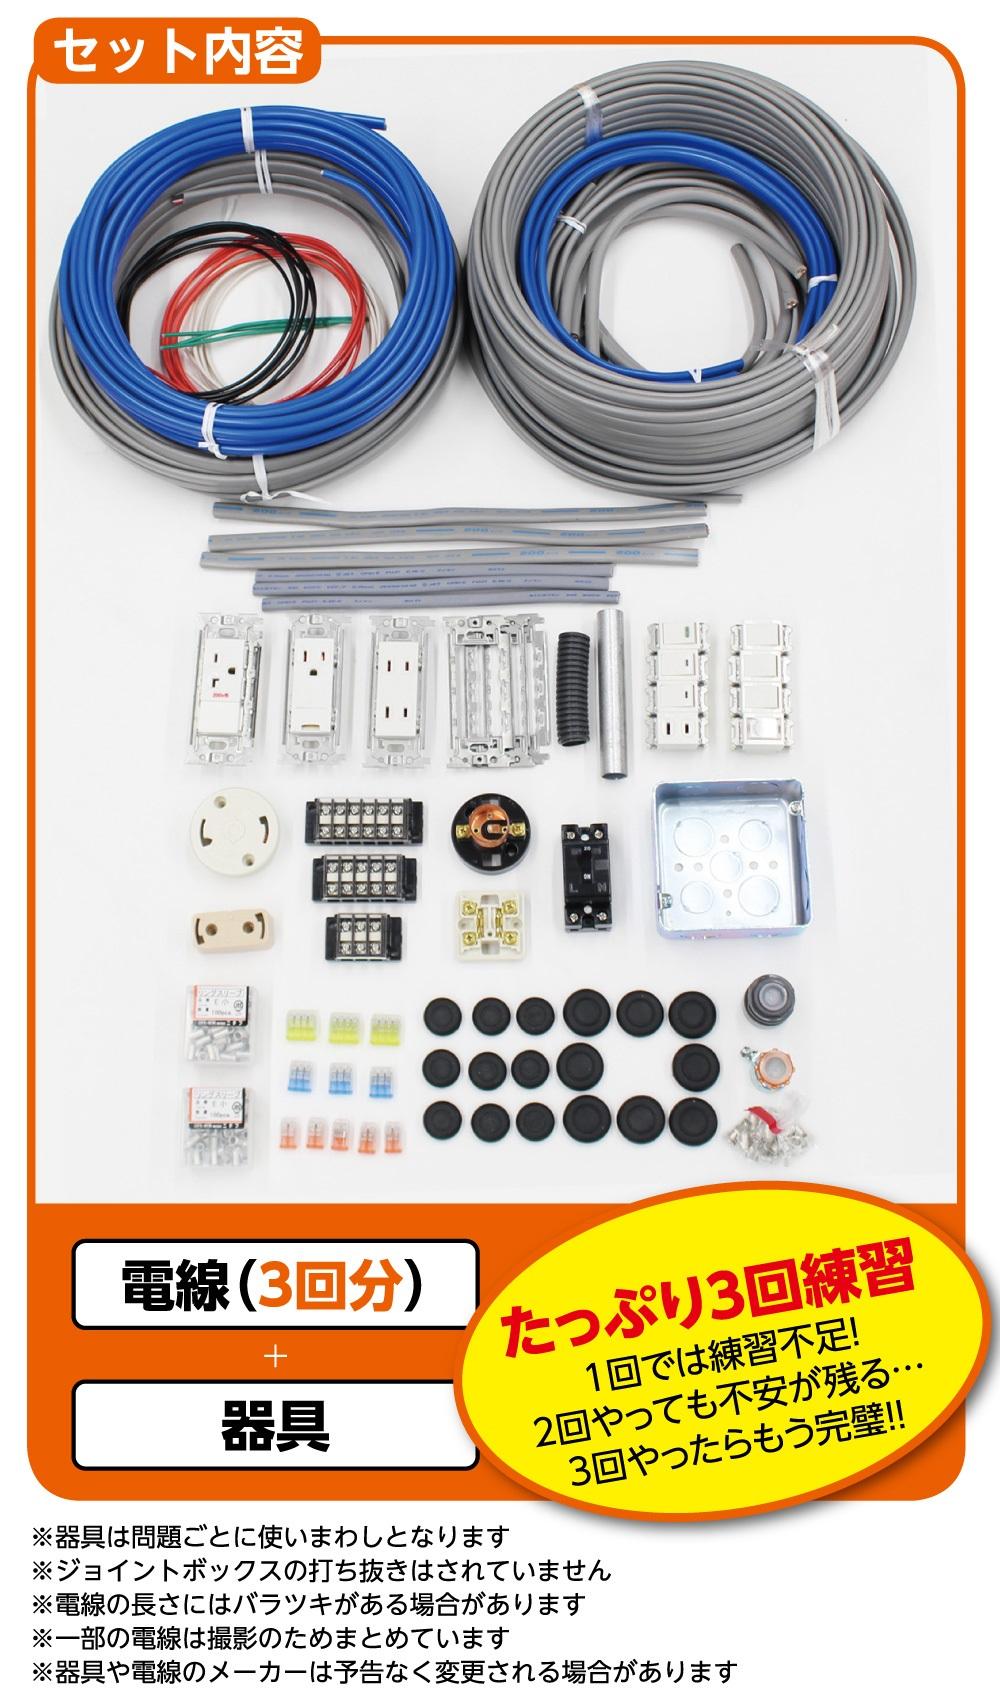 【JAPPY】第二種電気工事士技能試験練習材料キットの発売の画像